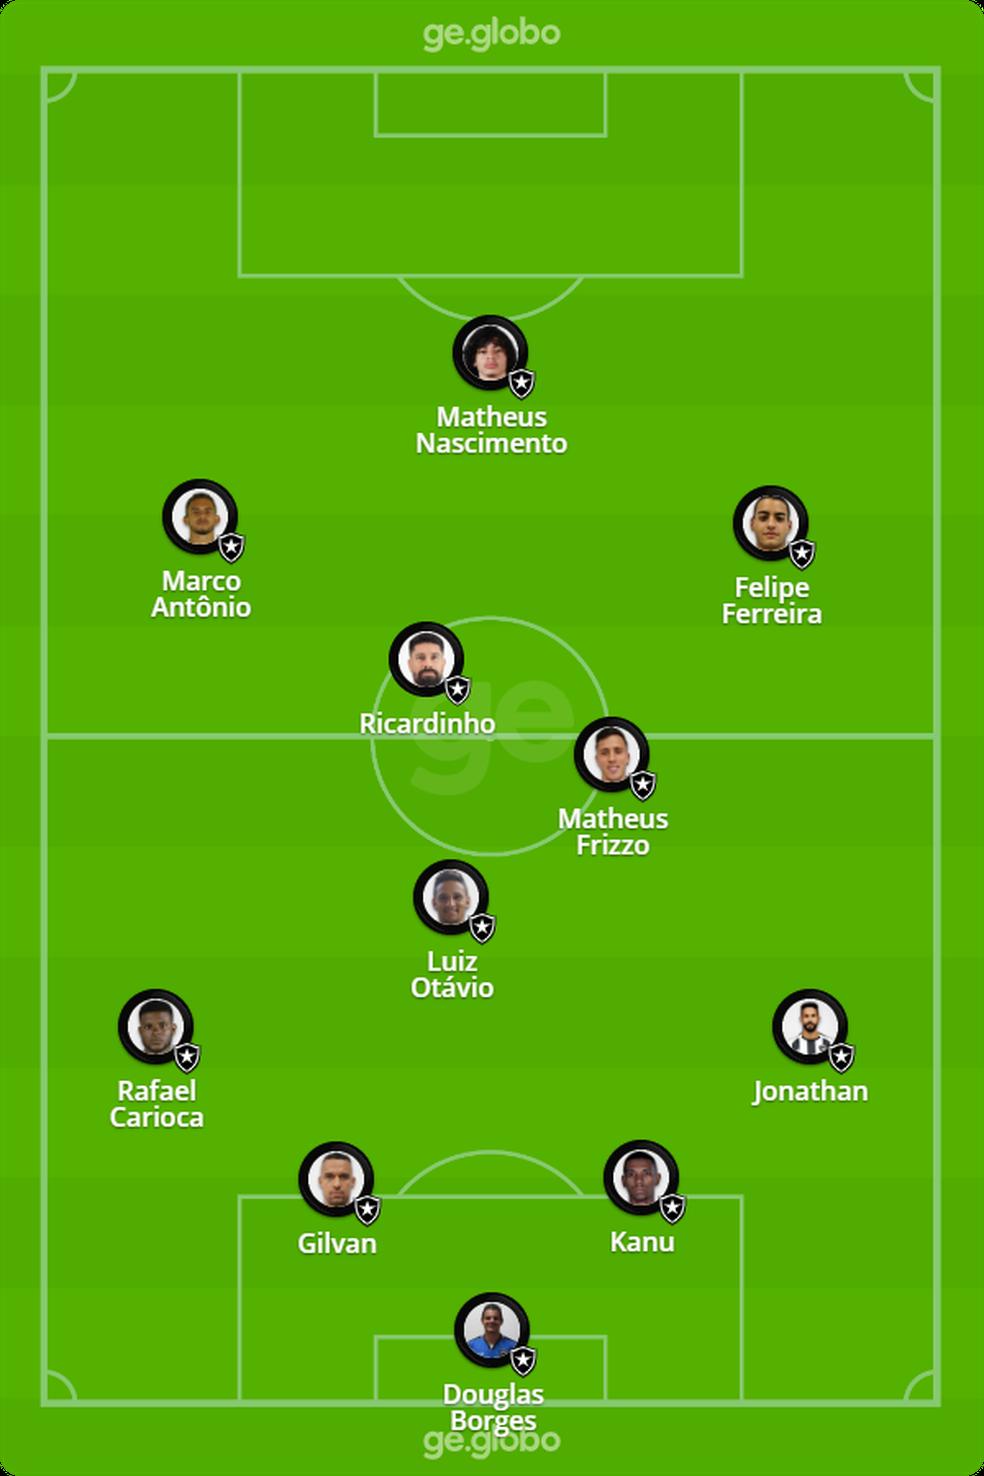 Provável escalação do Botafogo contra o ABC — Foto: ge